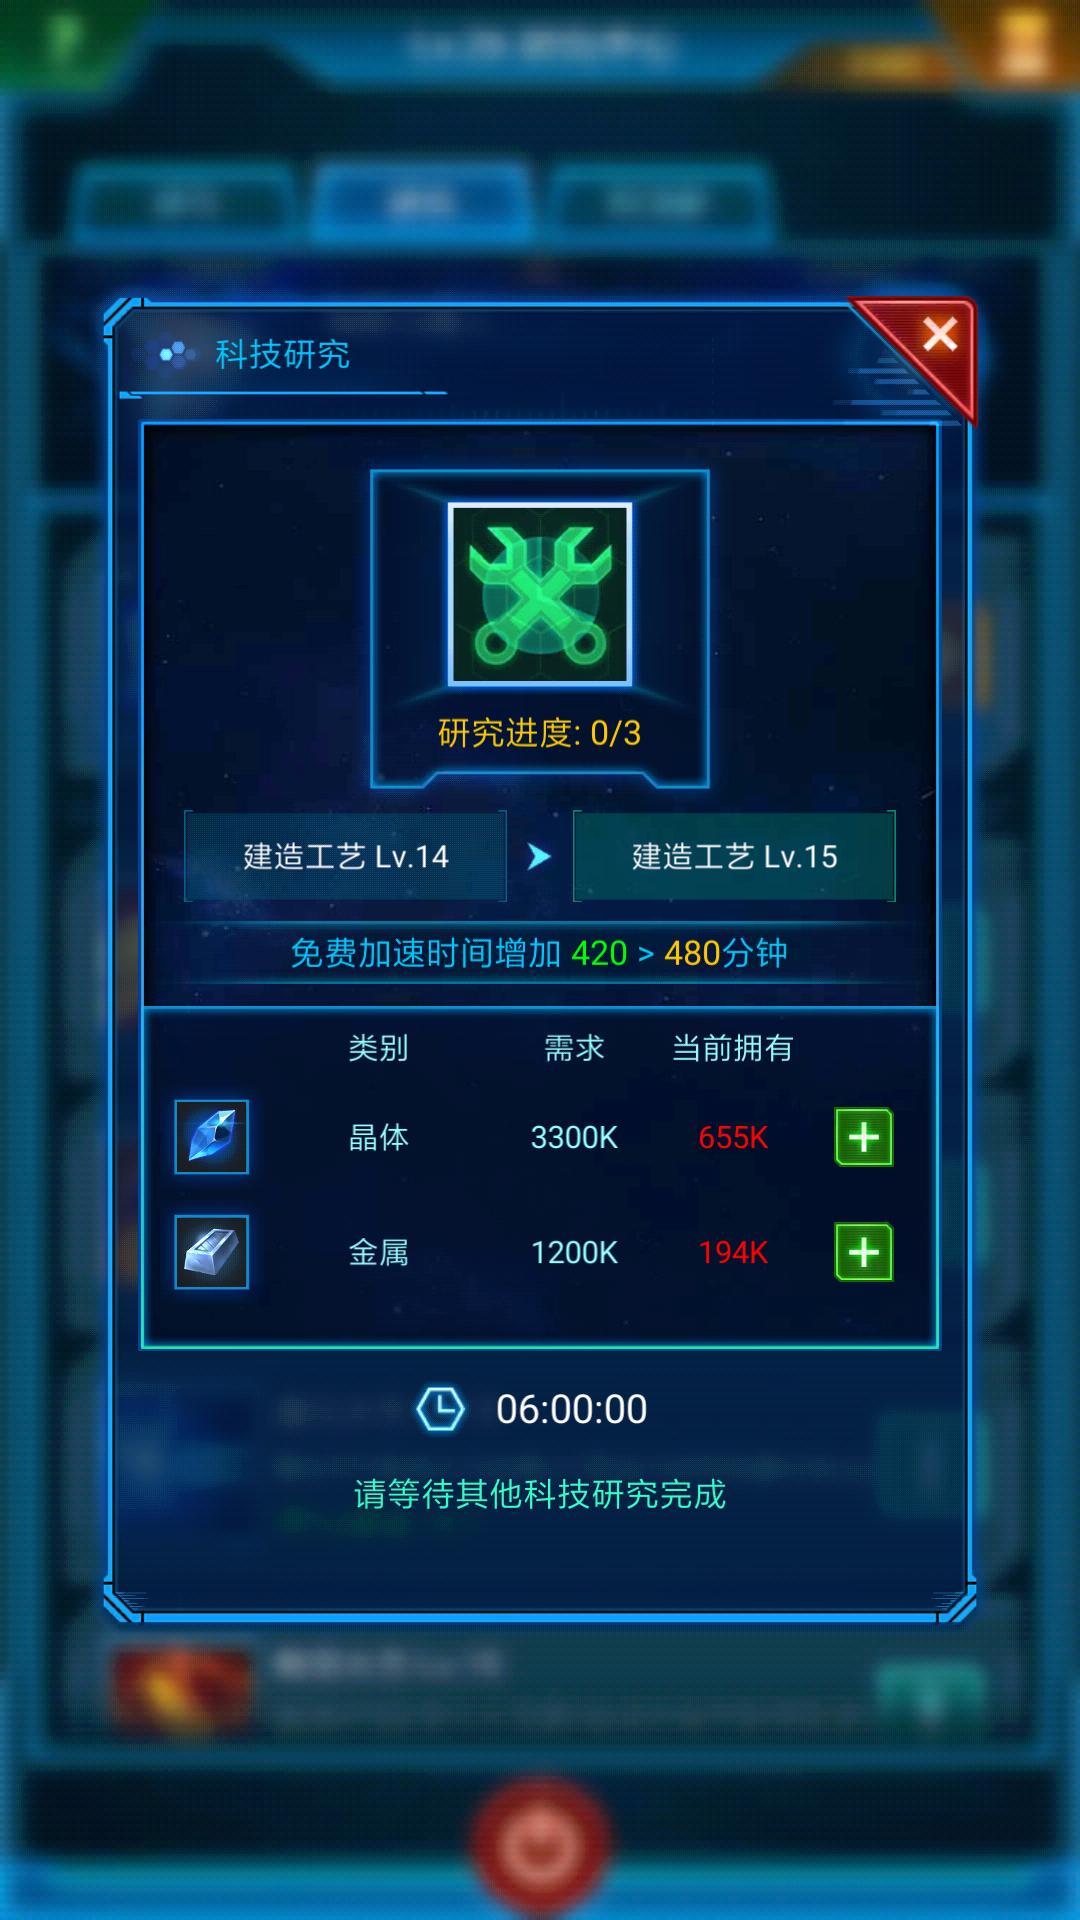 Screenshot_2018-08-09-15-41-03-167_com.tencent.tmgp.p16s.png